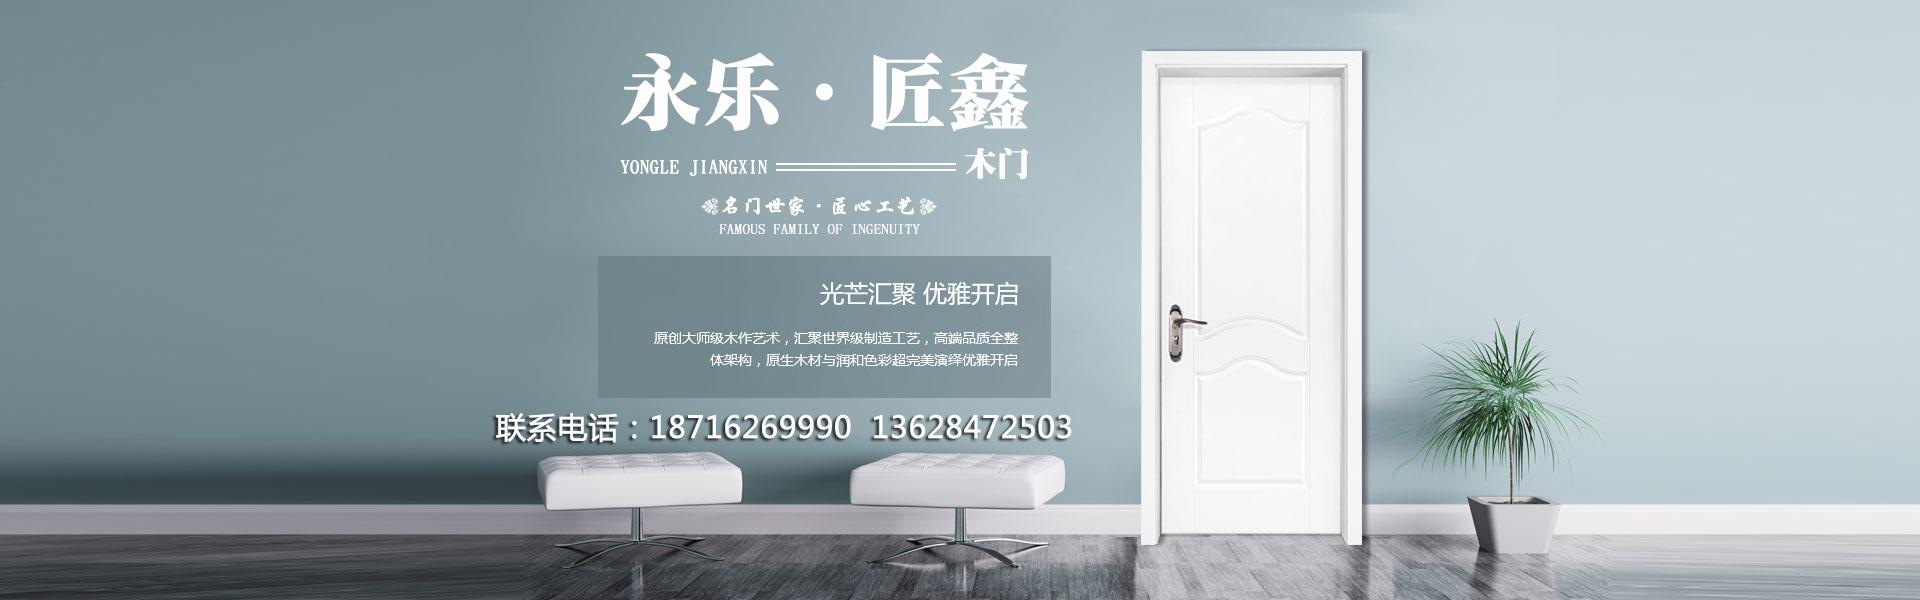 重庆木门制作工艺,原创大师级木作艺术,汇聚世界级制造工艺,高端品质全整体架构,原生木材与润和色彩超完美演绎优雅开启